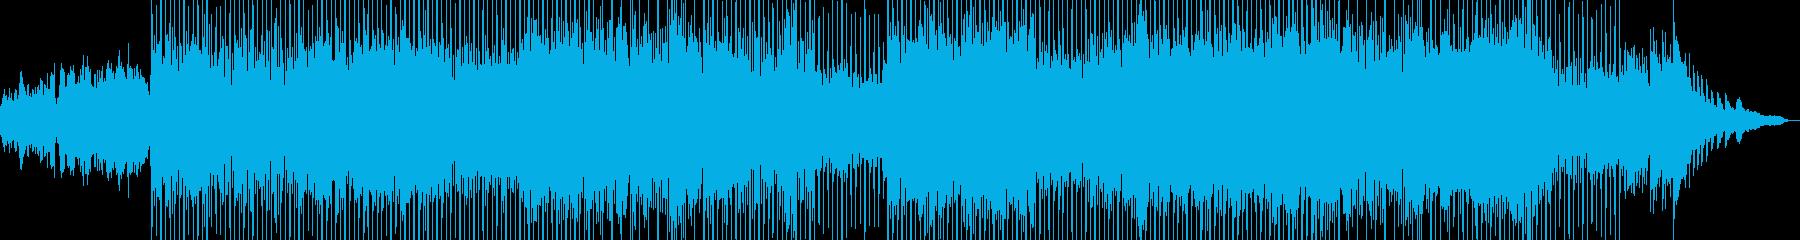 出会いと別れ・切な明るい弦楽ポップスの再生済みの波形